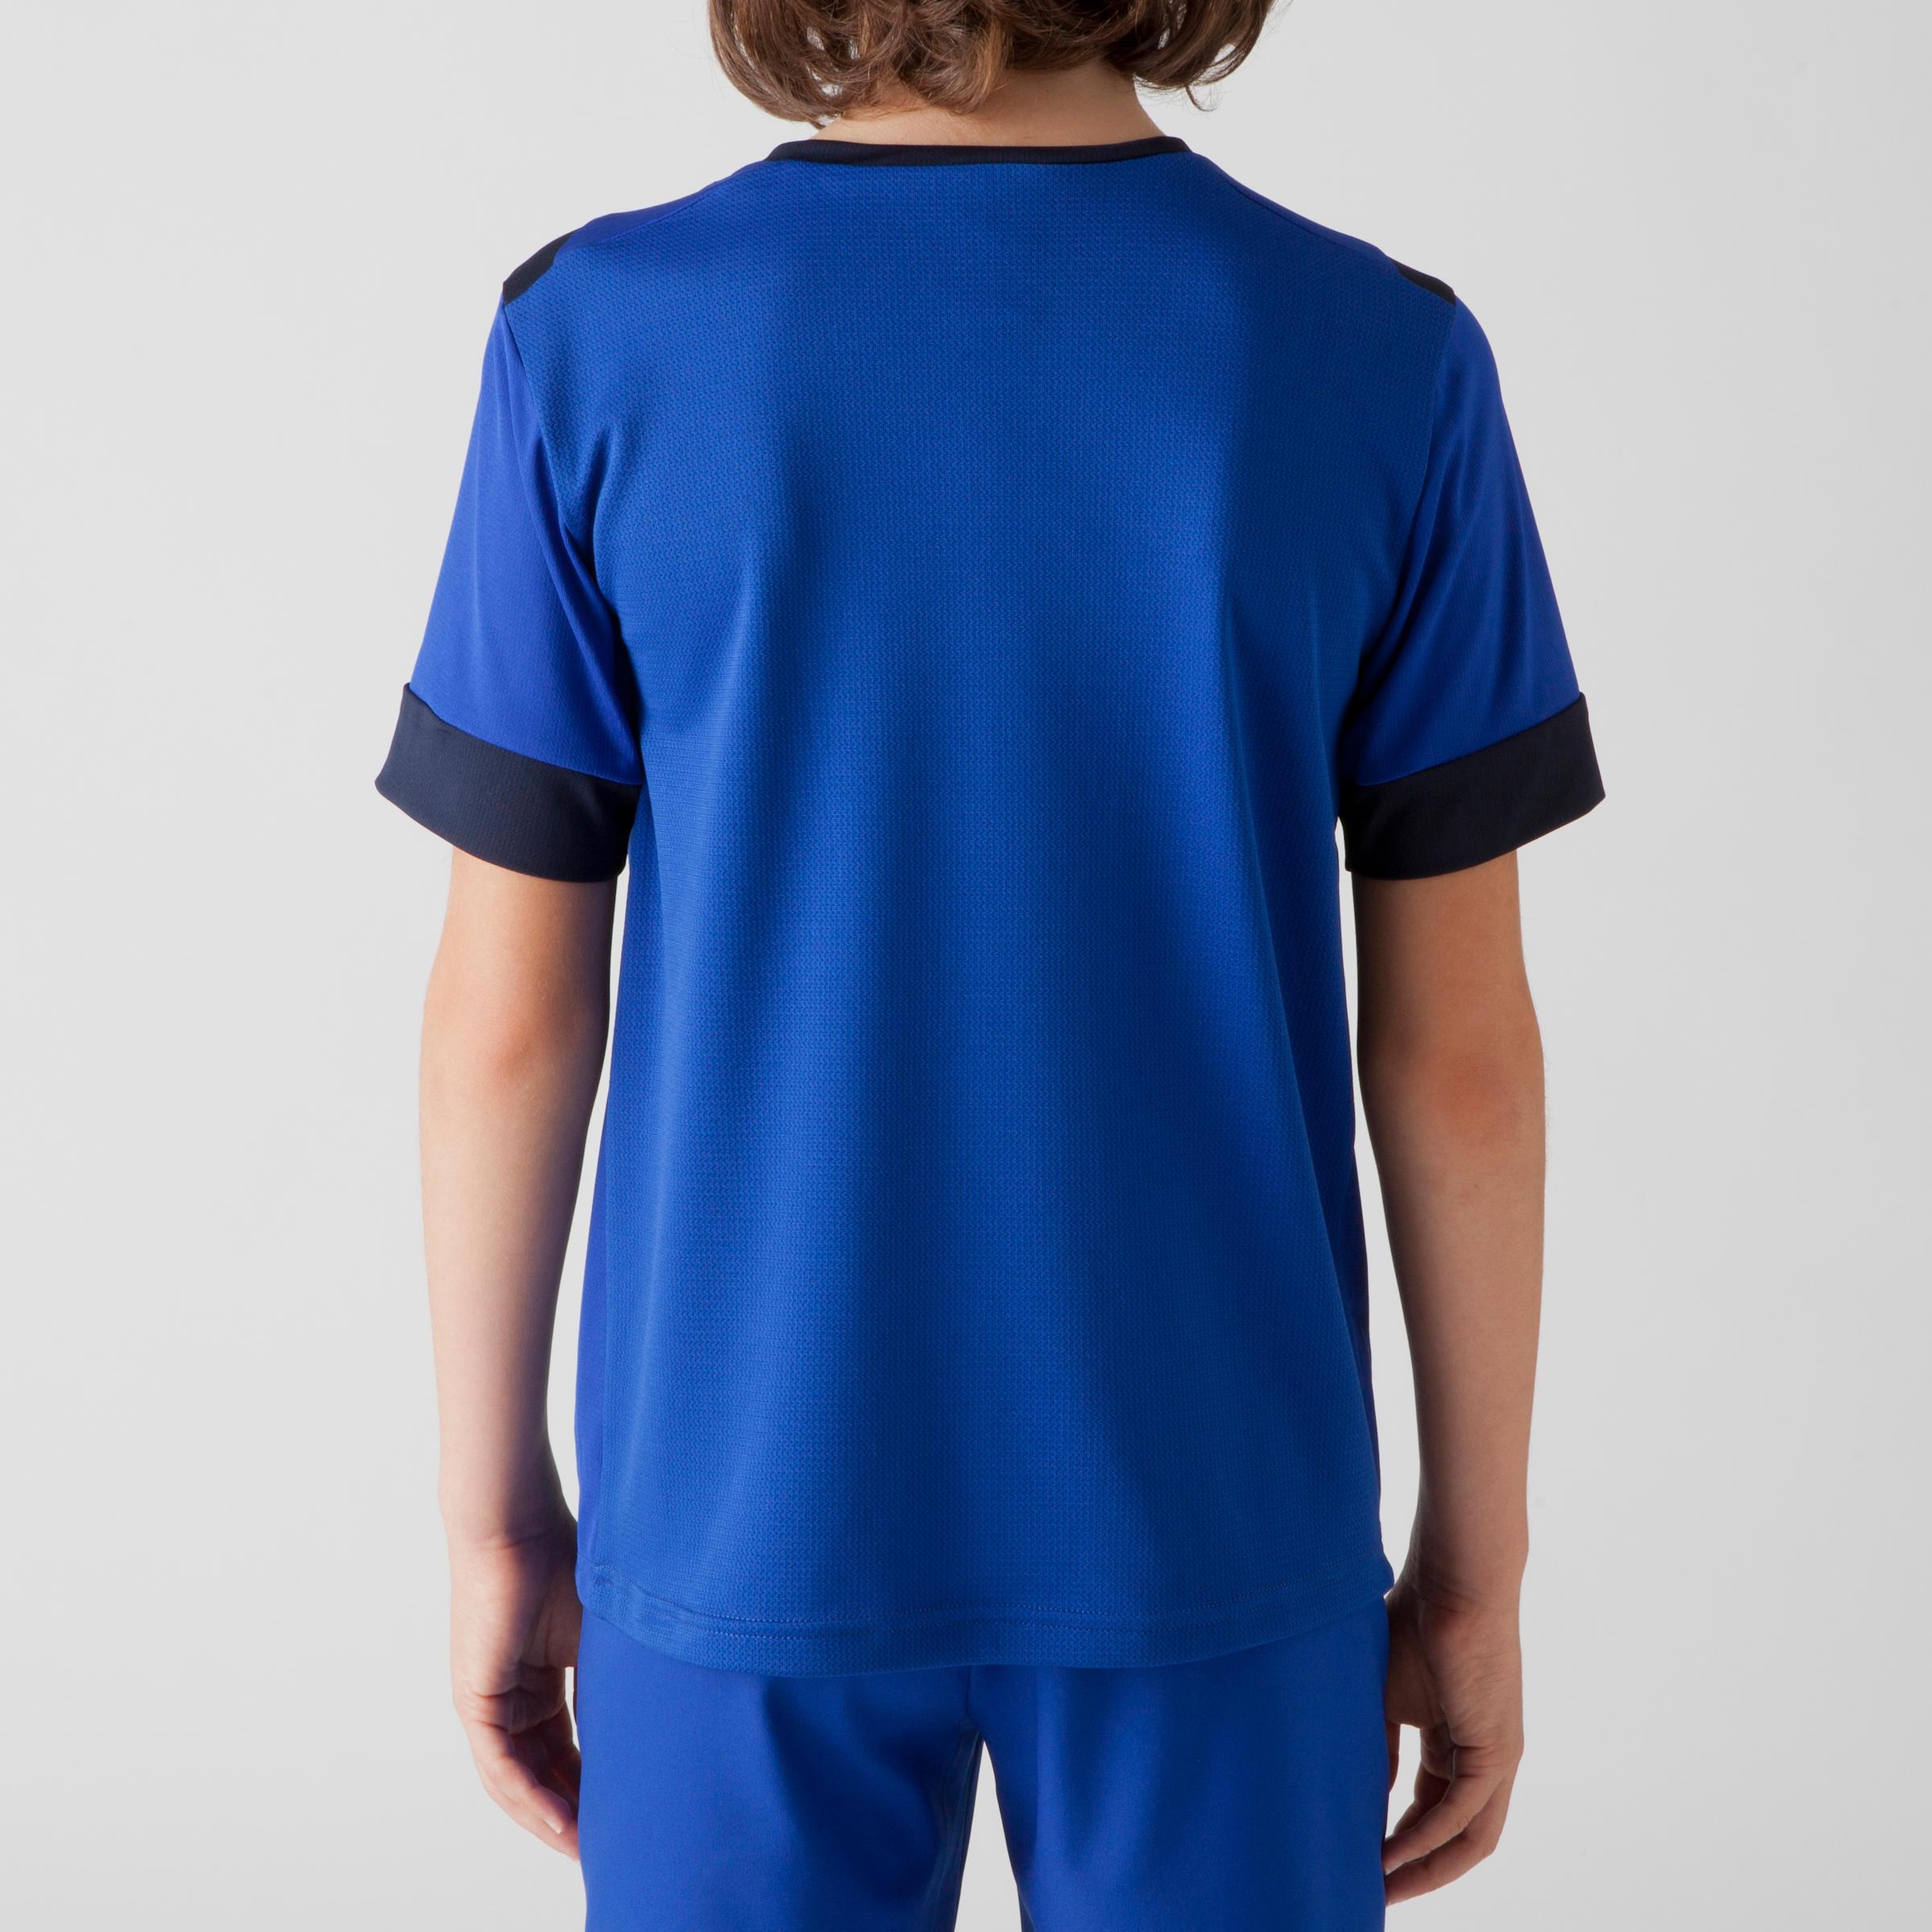 F500 Junior Football Shirt - Blue/Navy Blue